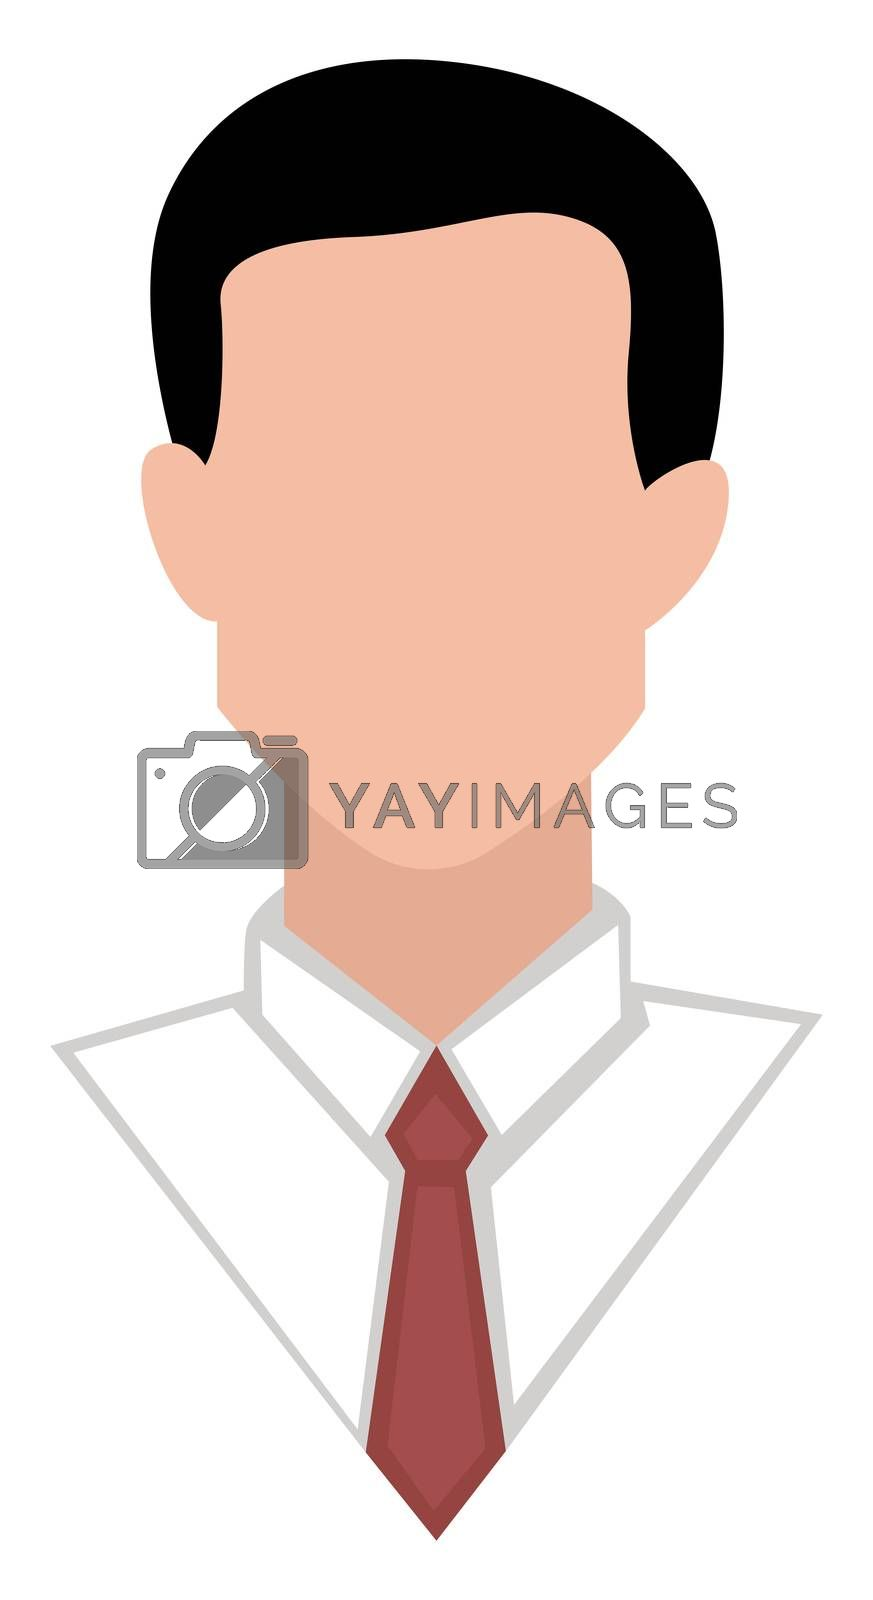 Faceless avatar, illustration, vector on white background